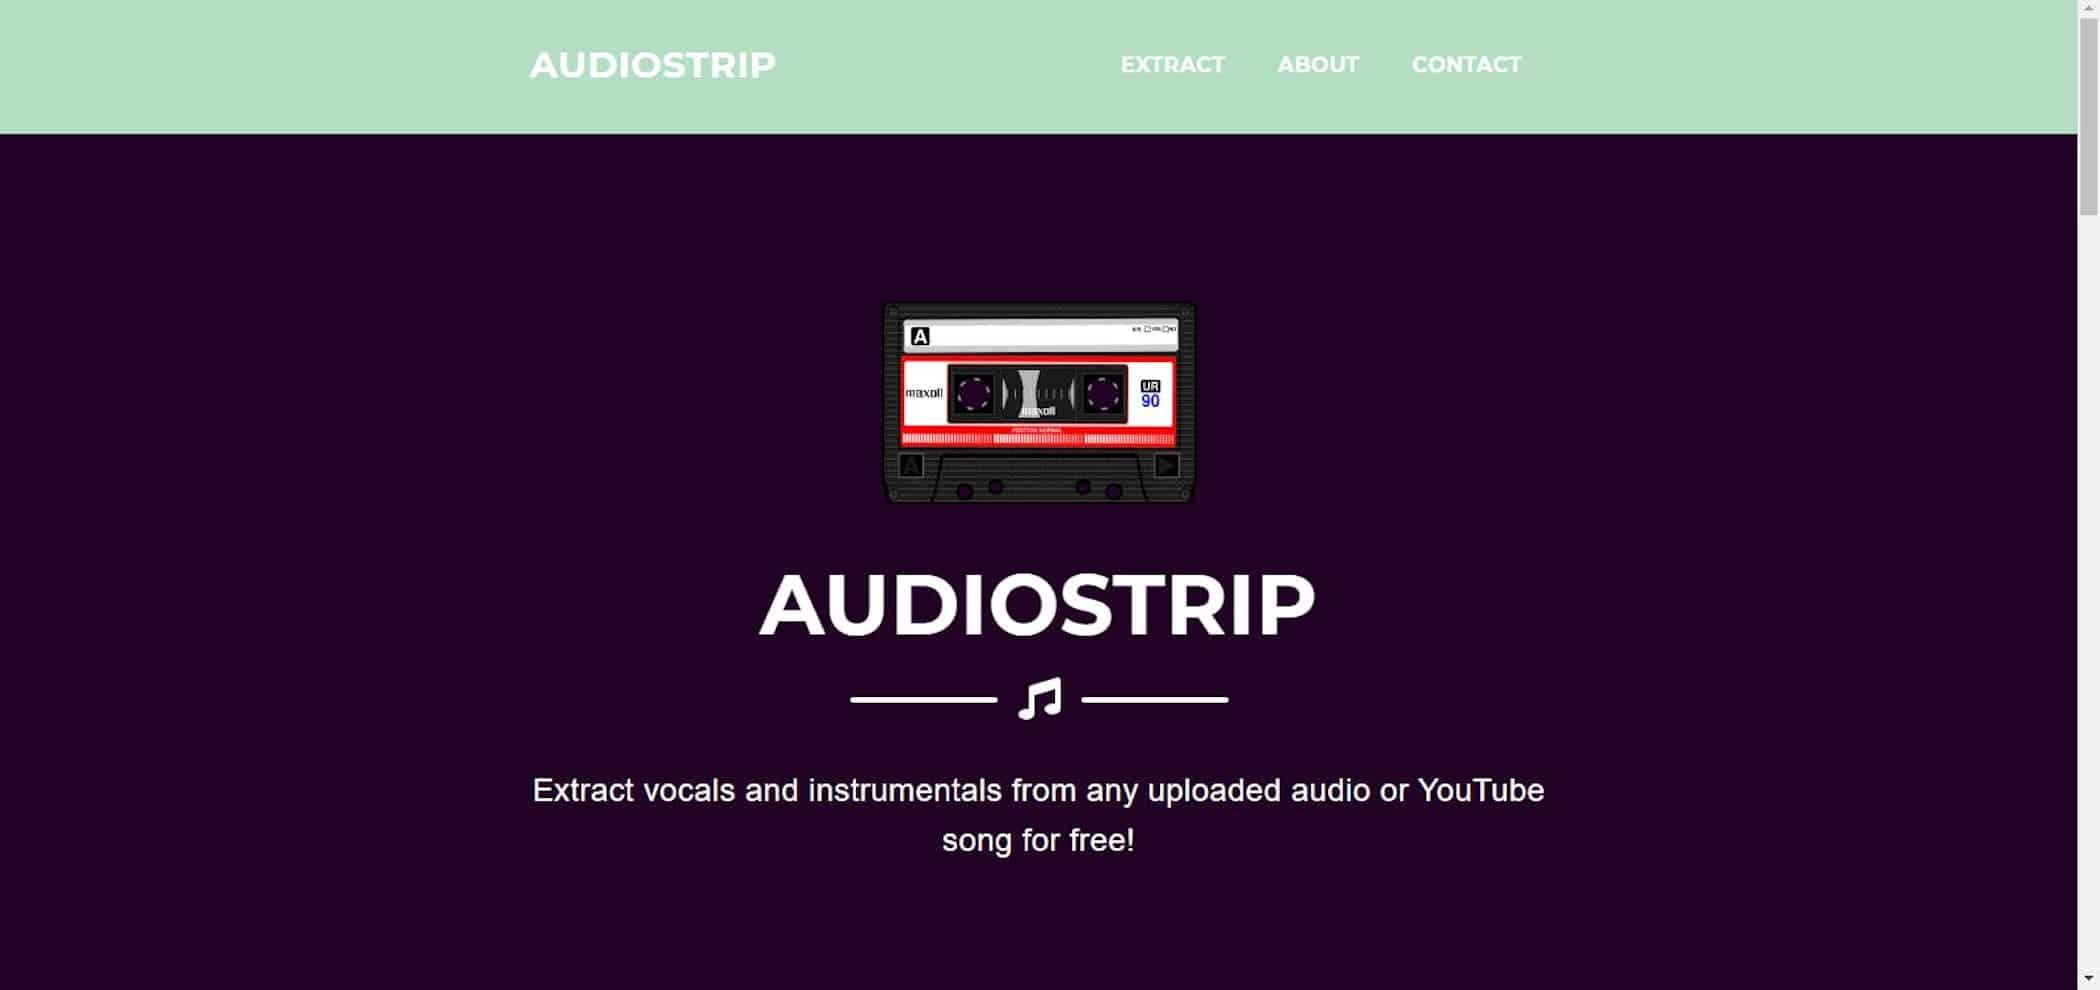 Cet outil gratuit permet d'extraire les voix de n'importe quelle chanson